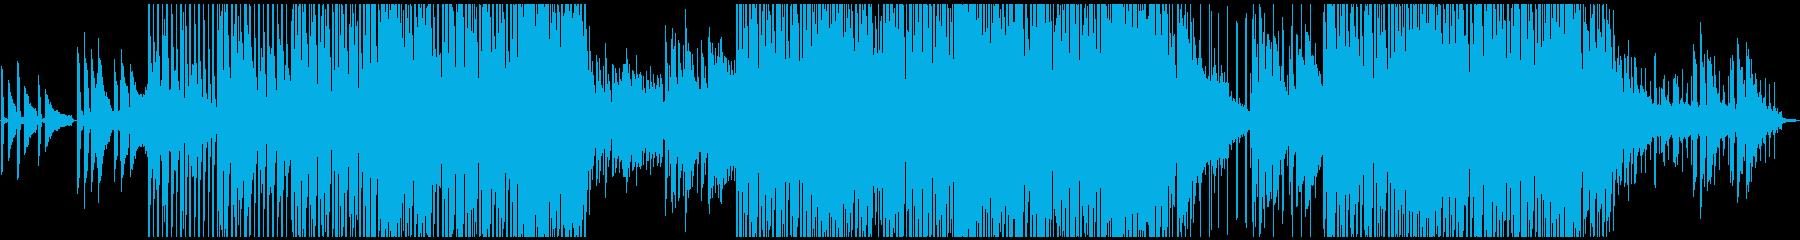 ハウス ダンス プログレッシブ ほ...の再生済みの波形